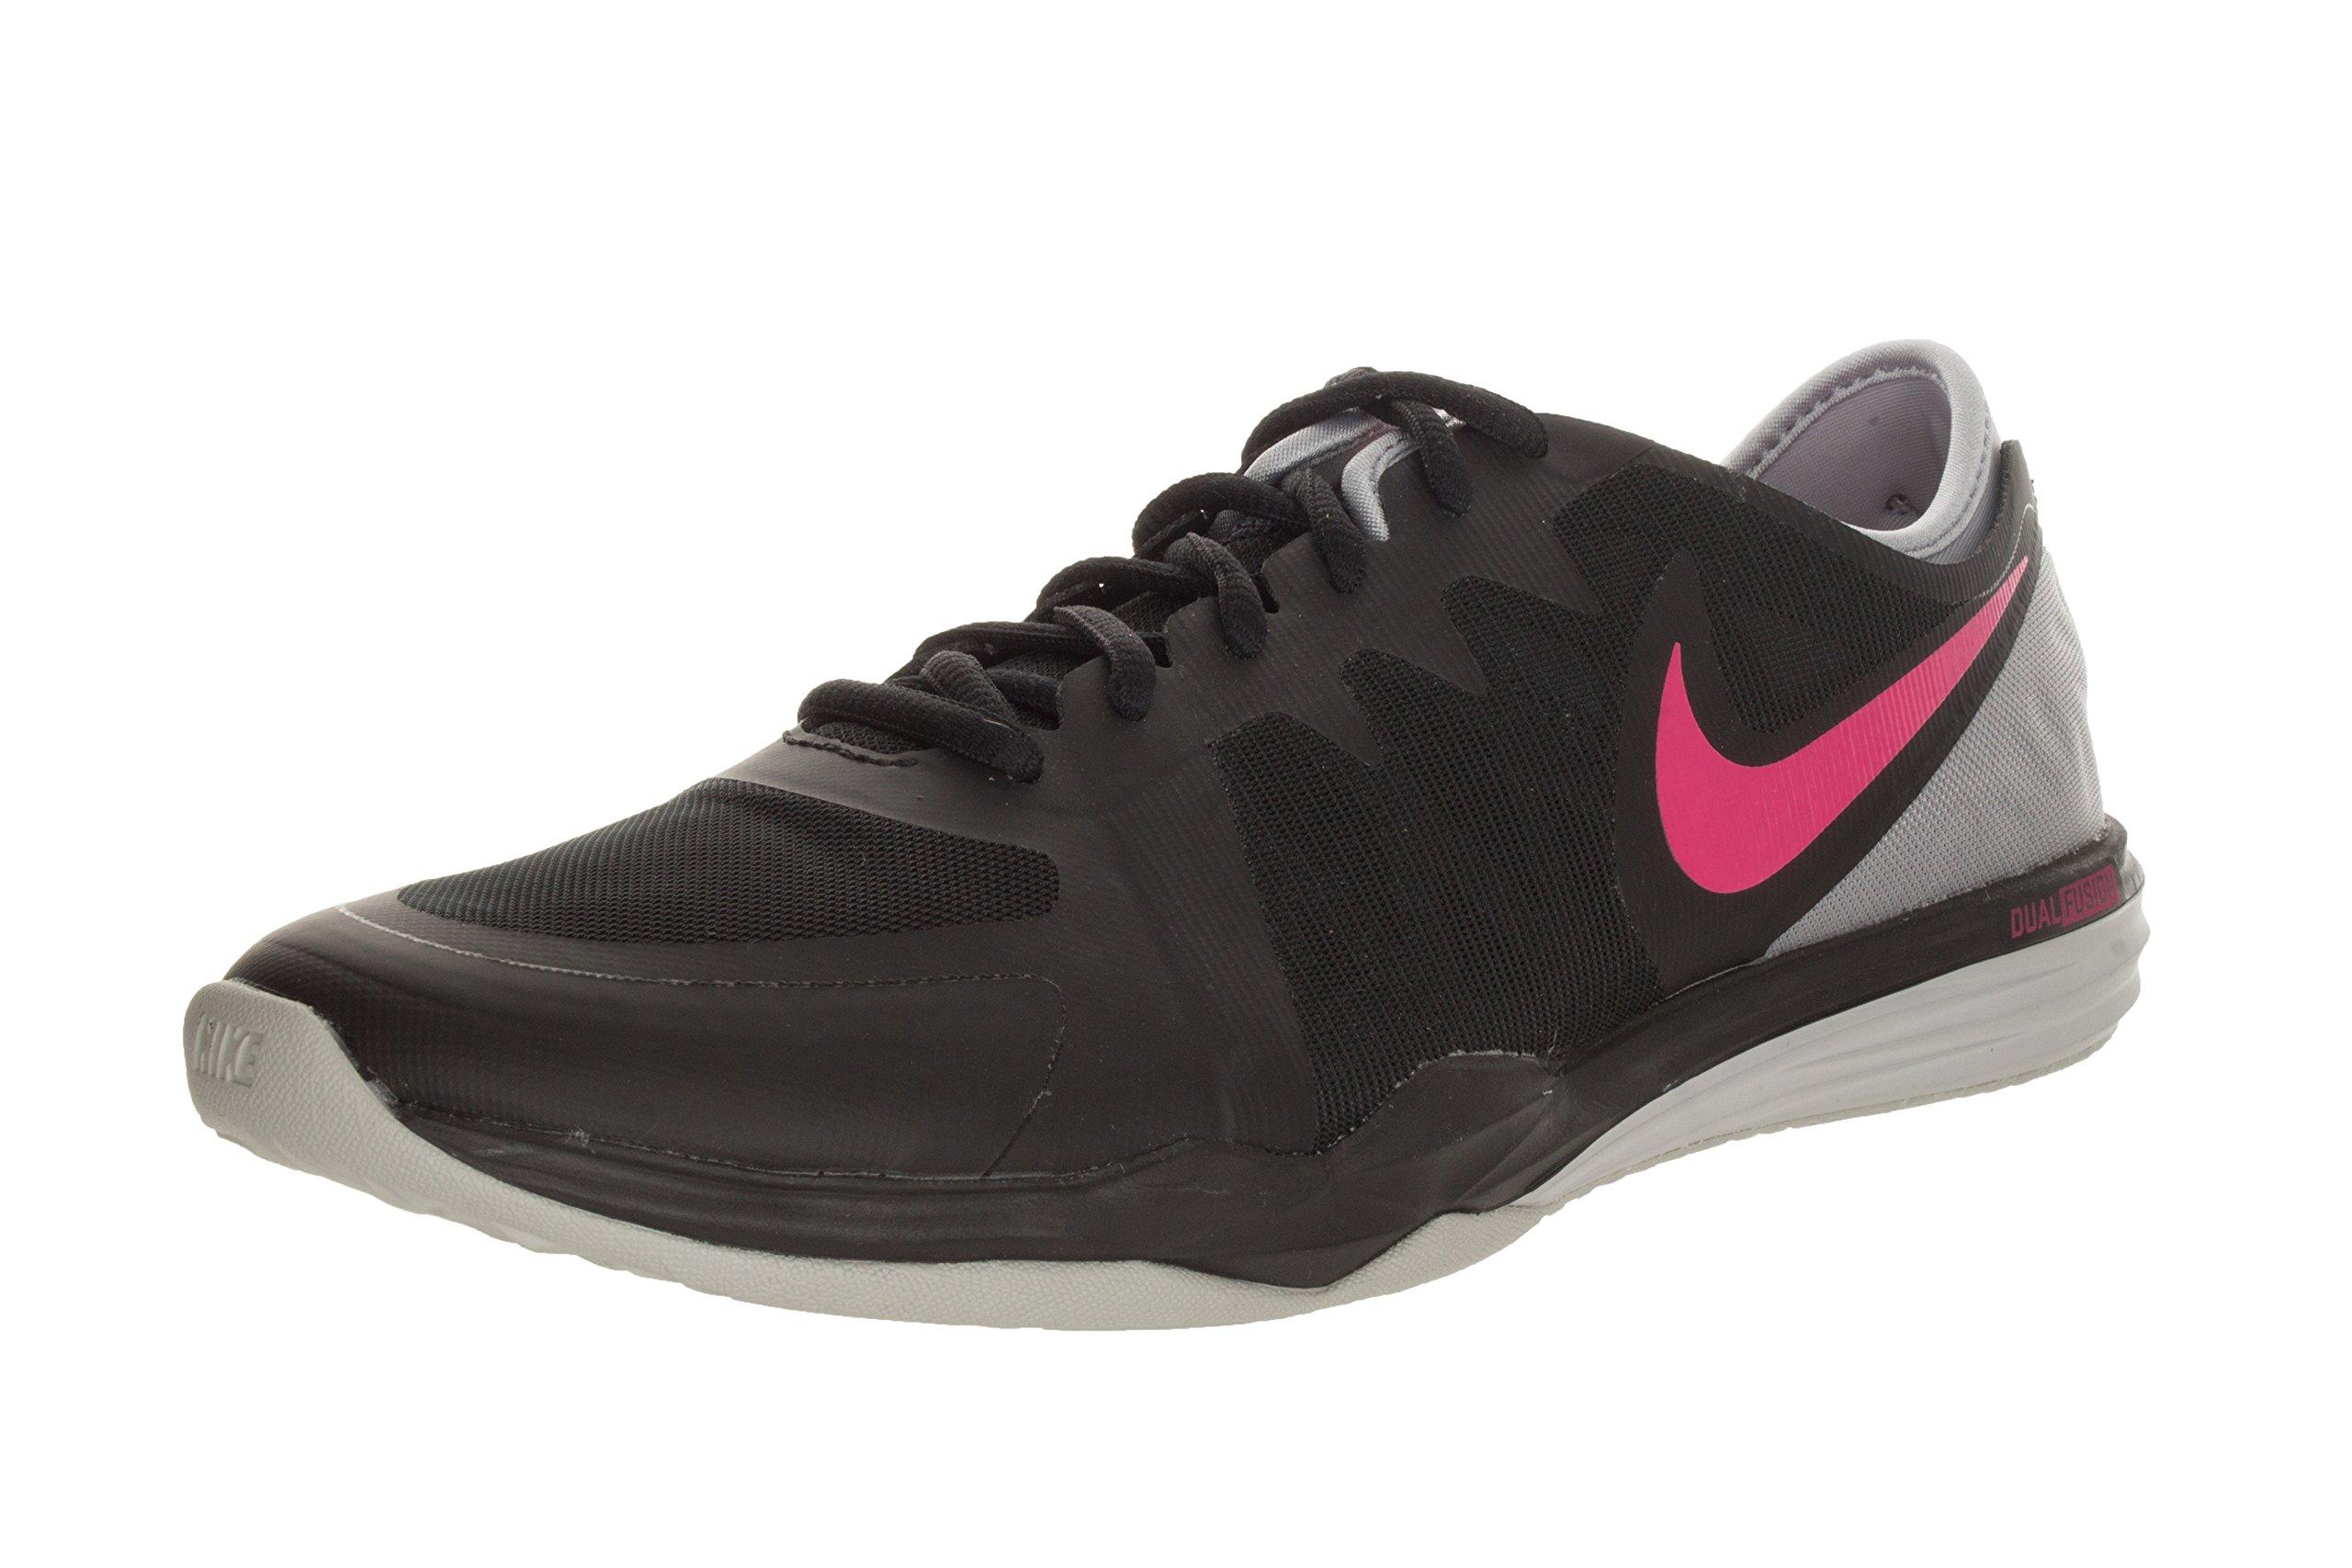 NIKE Women's Dual Fusion TR 3 Black/Pink Pow/Wolf Grey Training Shoe 6 Women US